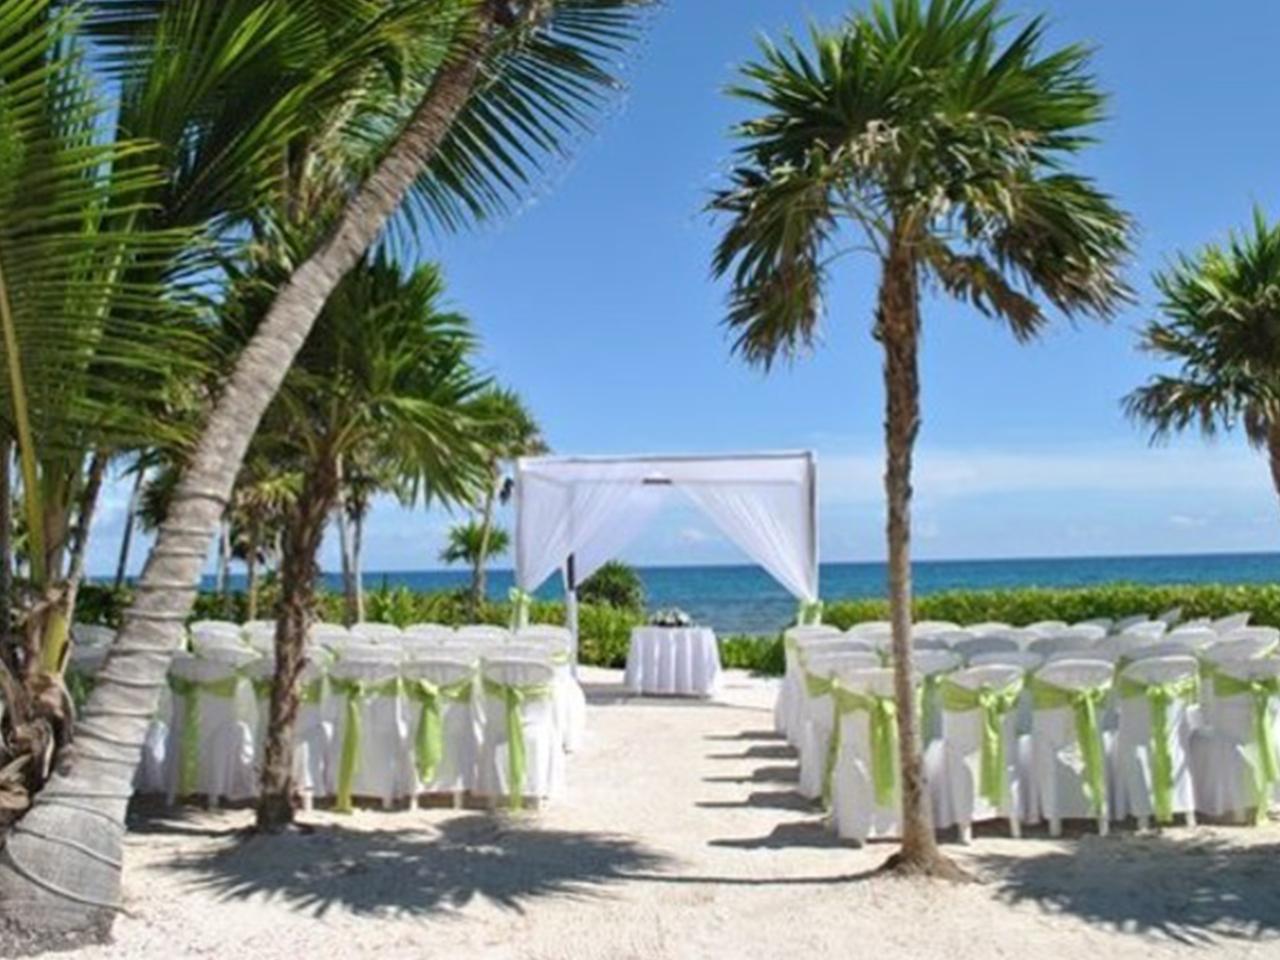 wedding Planner en Monterrey, Boda en la playa, Las mejores bodas en la playa en México -wedding Planner en Monterrey, Boda en la playa, Las mejores bodas en la playa en México - Paquete en cortesia